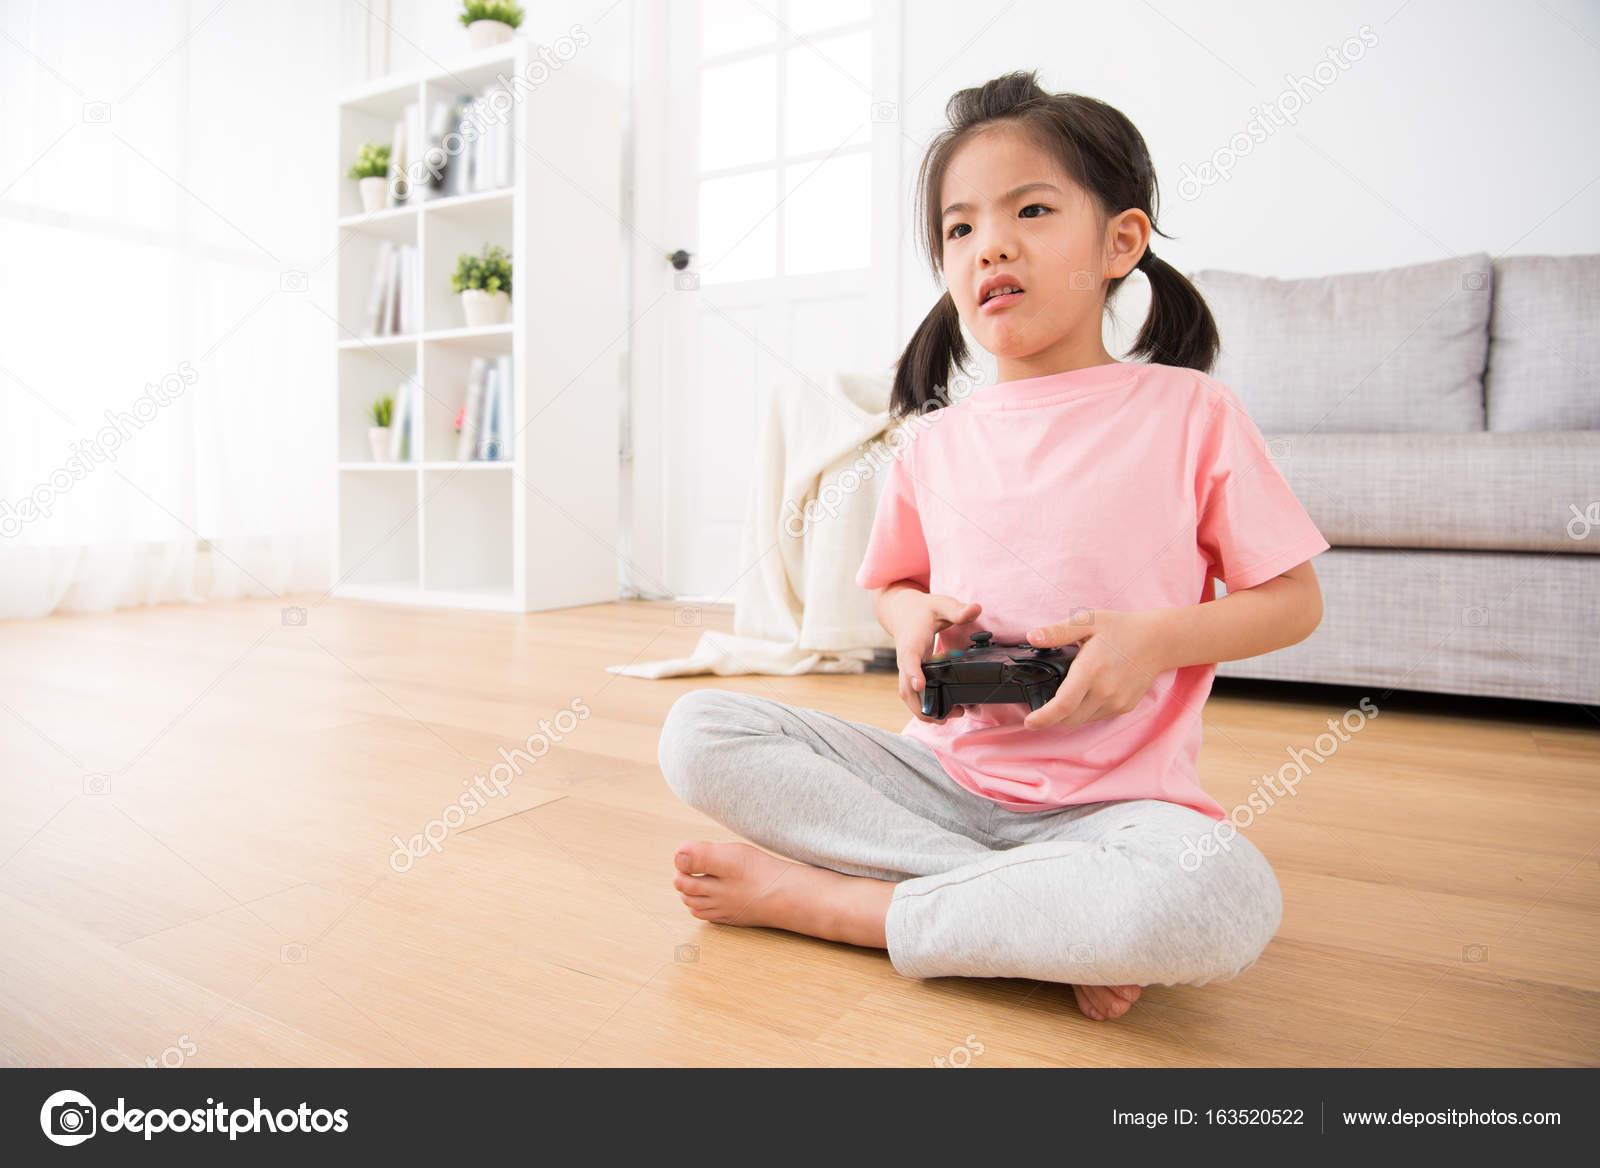 8a57a0a9d Dulce niña niño niños mostrando expresión infeliz triste sentado en el piso  de madera en serio con joystick juegan tv video en casa — Foto de ...